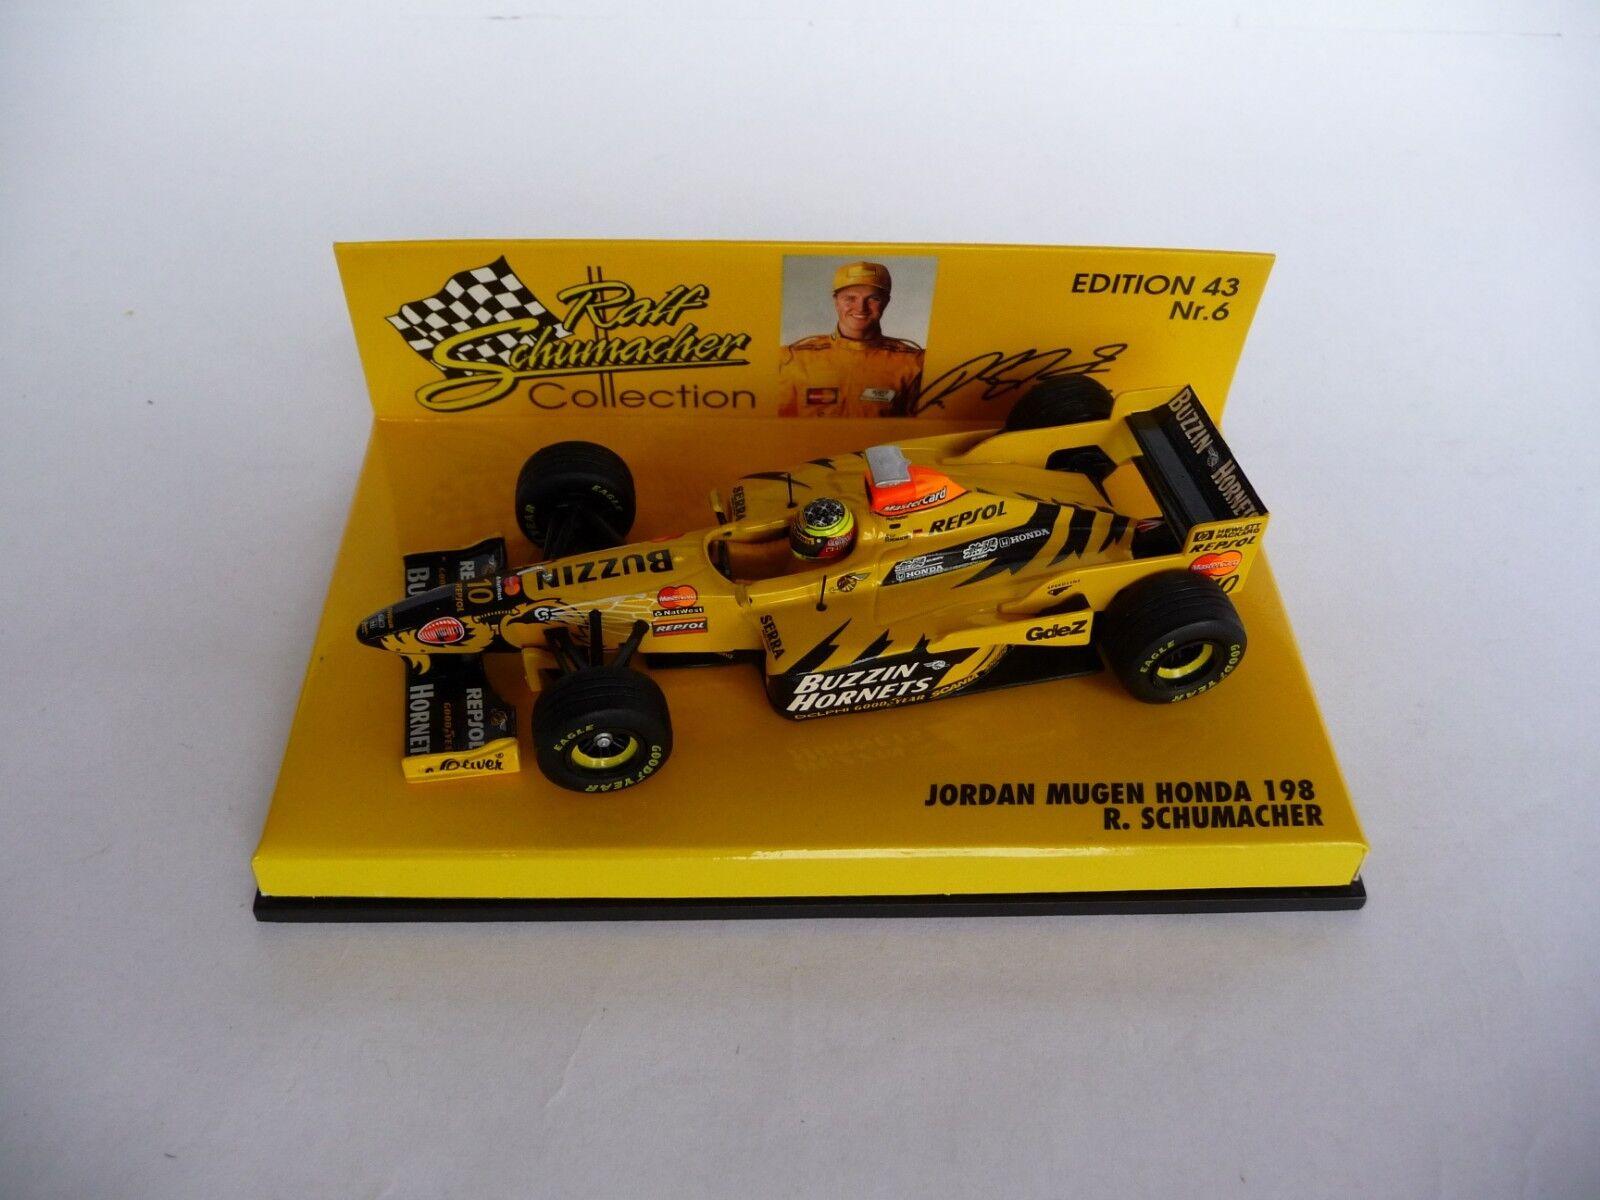 Minichamps 1 43 Jordan Mugen Honda 198 Ralf Schumacher 984310